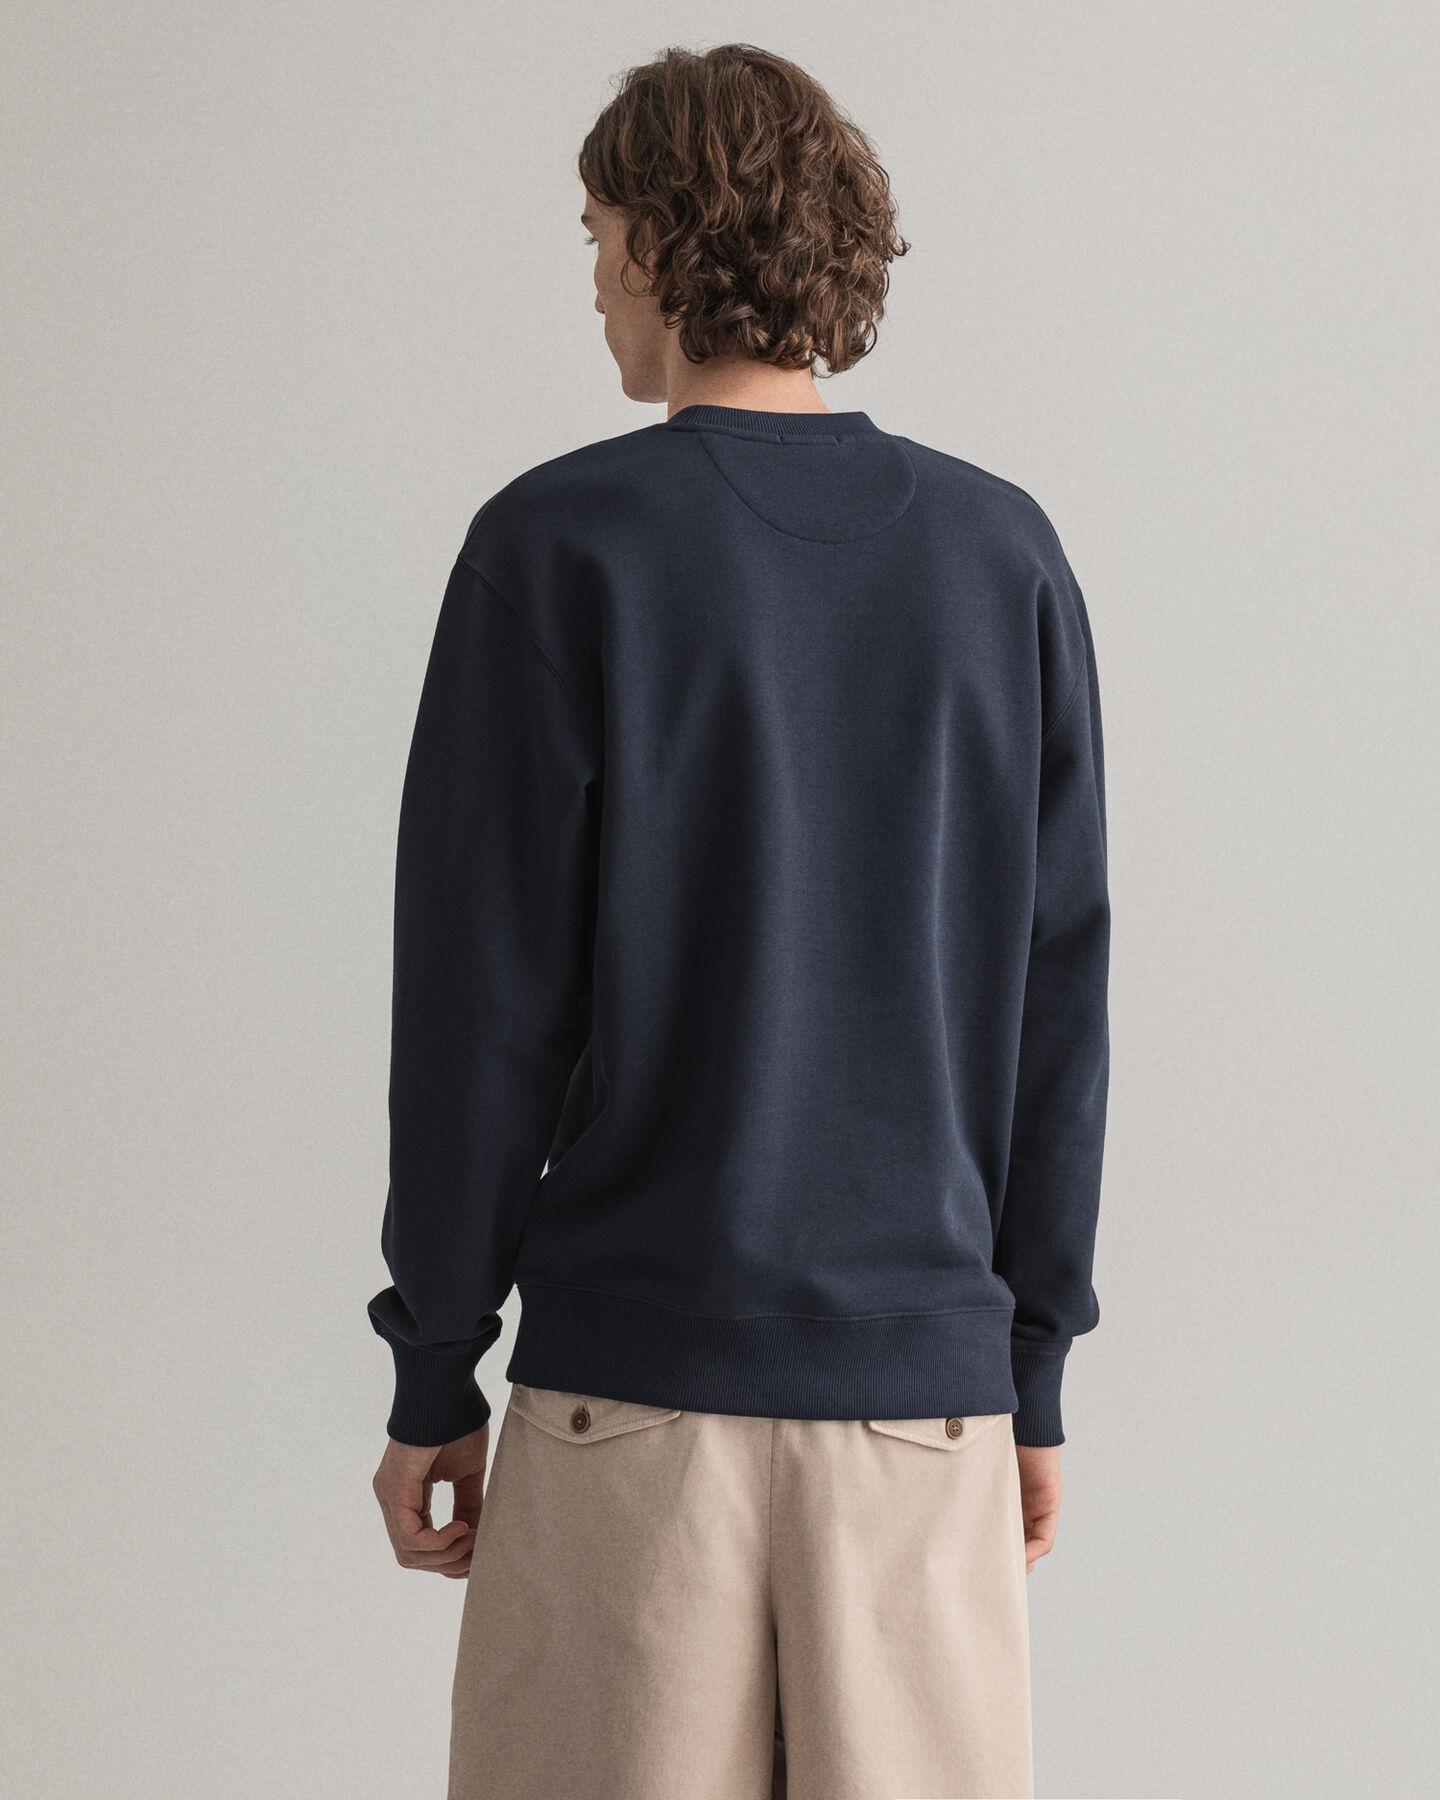 Graphic Logo Crew Neck Sweatshirt